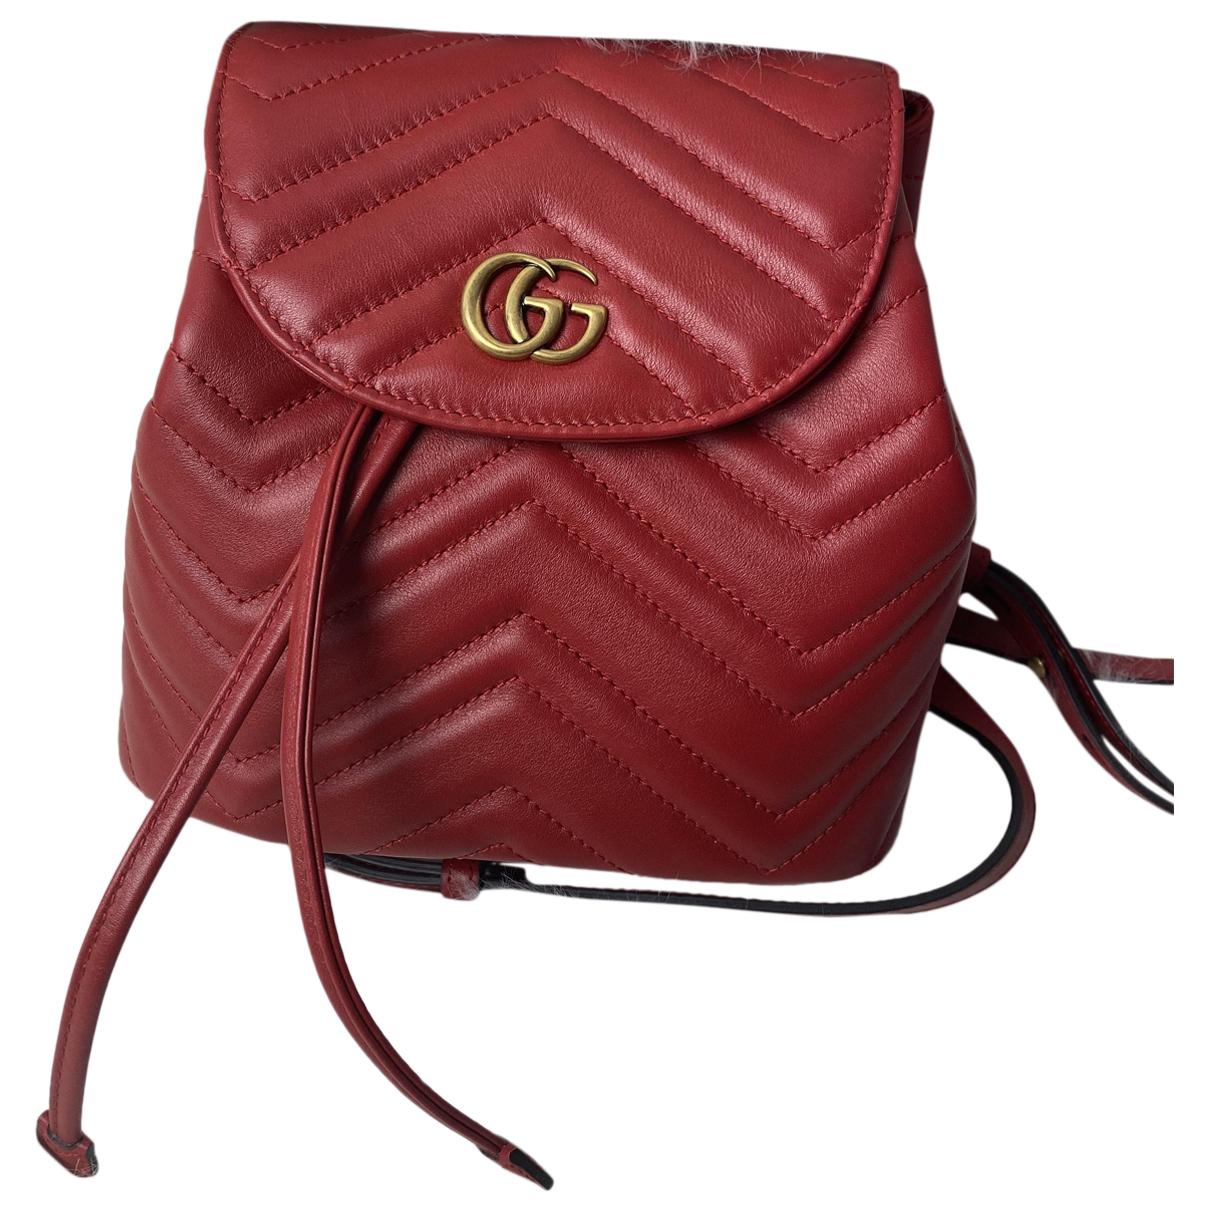 Gucci - Sac a dos Marmont pour femme en cuir - rouge